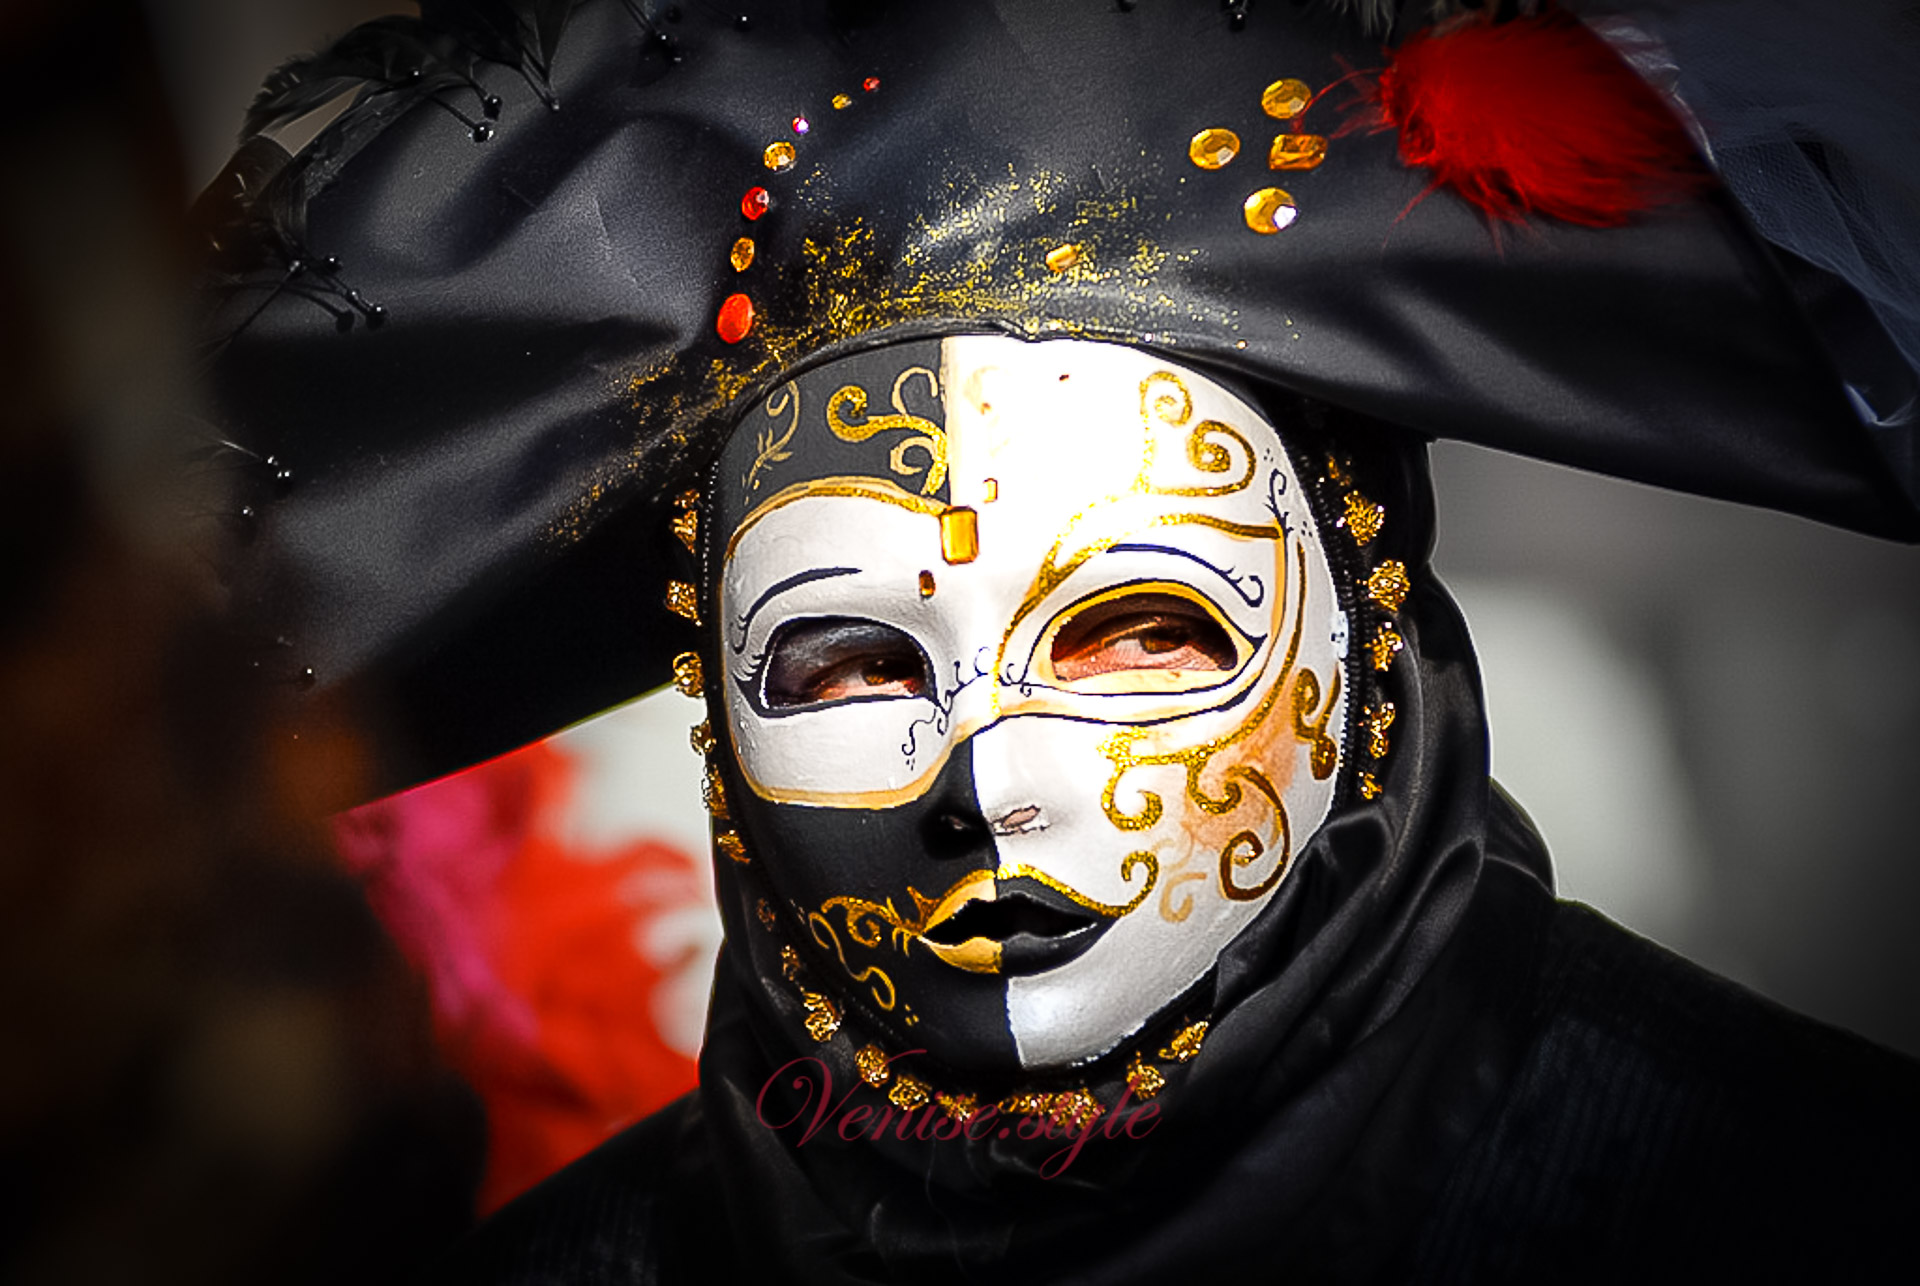 Masque de Venise - Venise blog d'Oriane et Angel